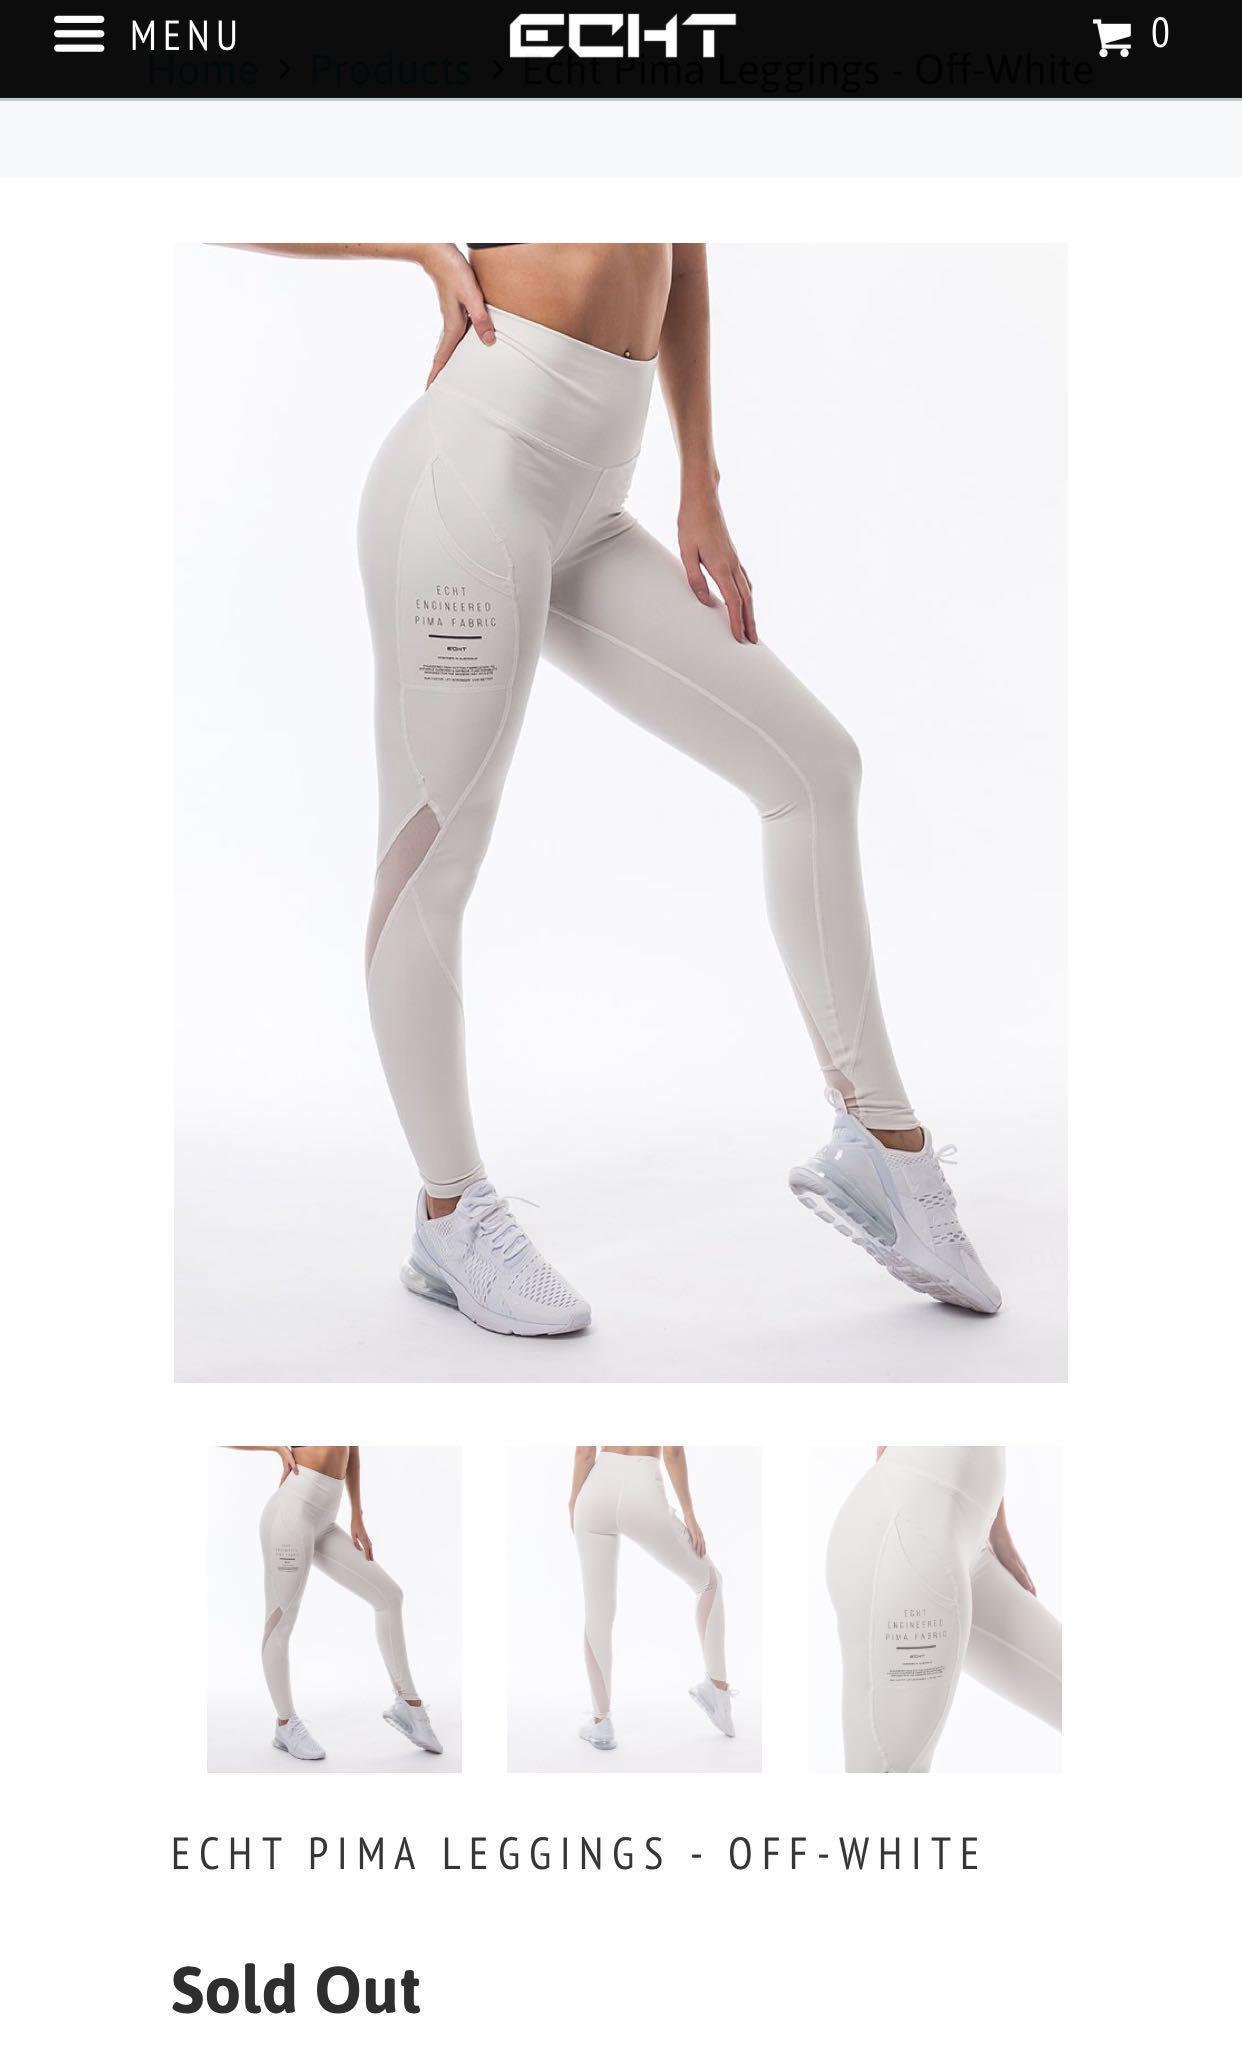 Echt pima leggings white